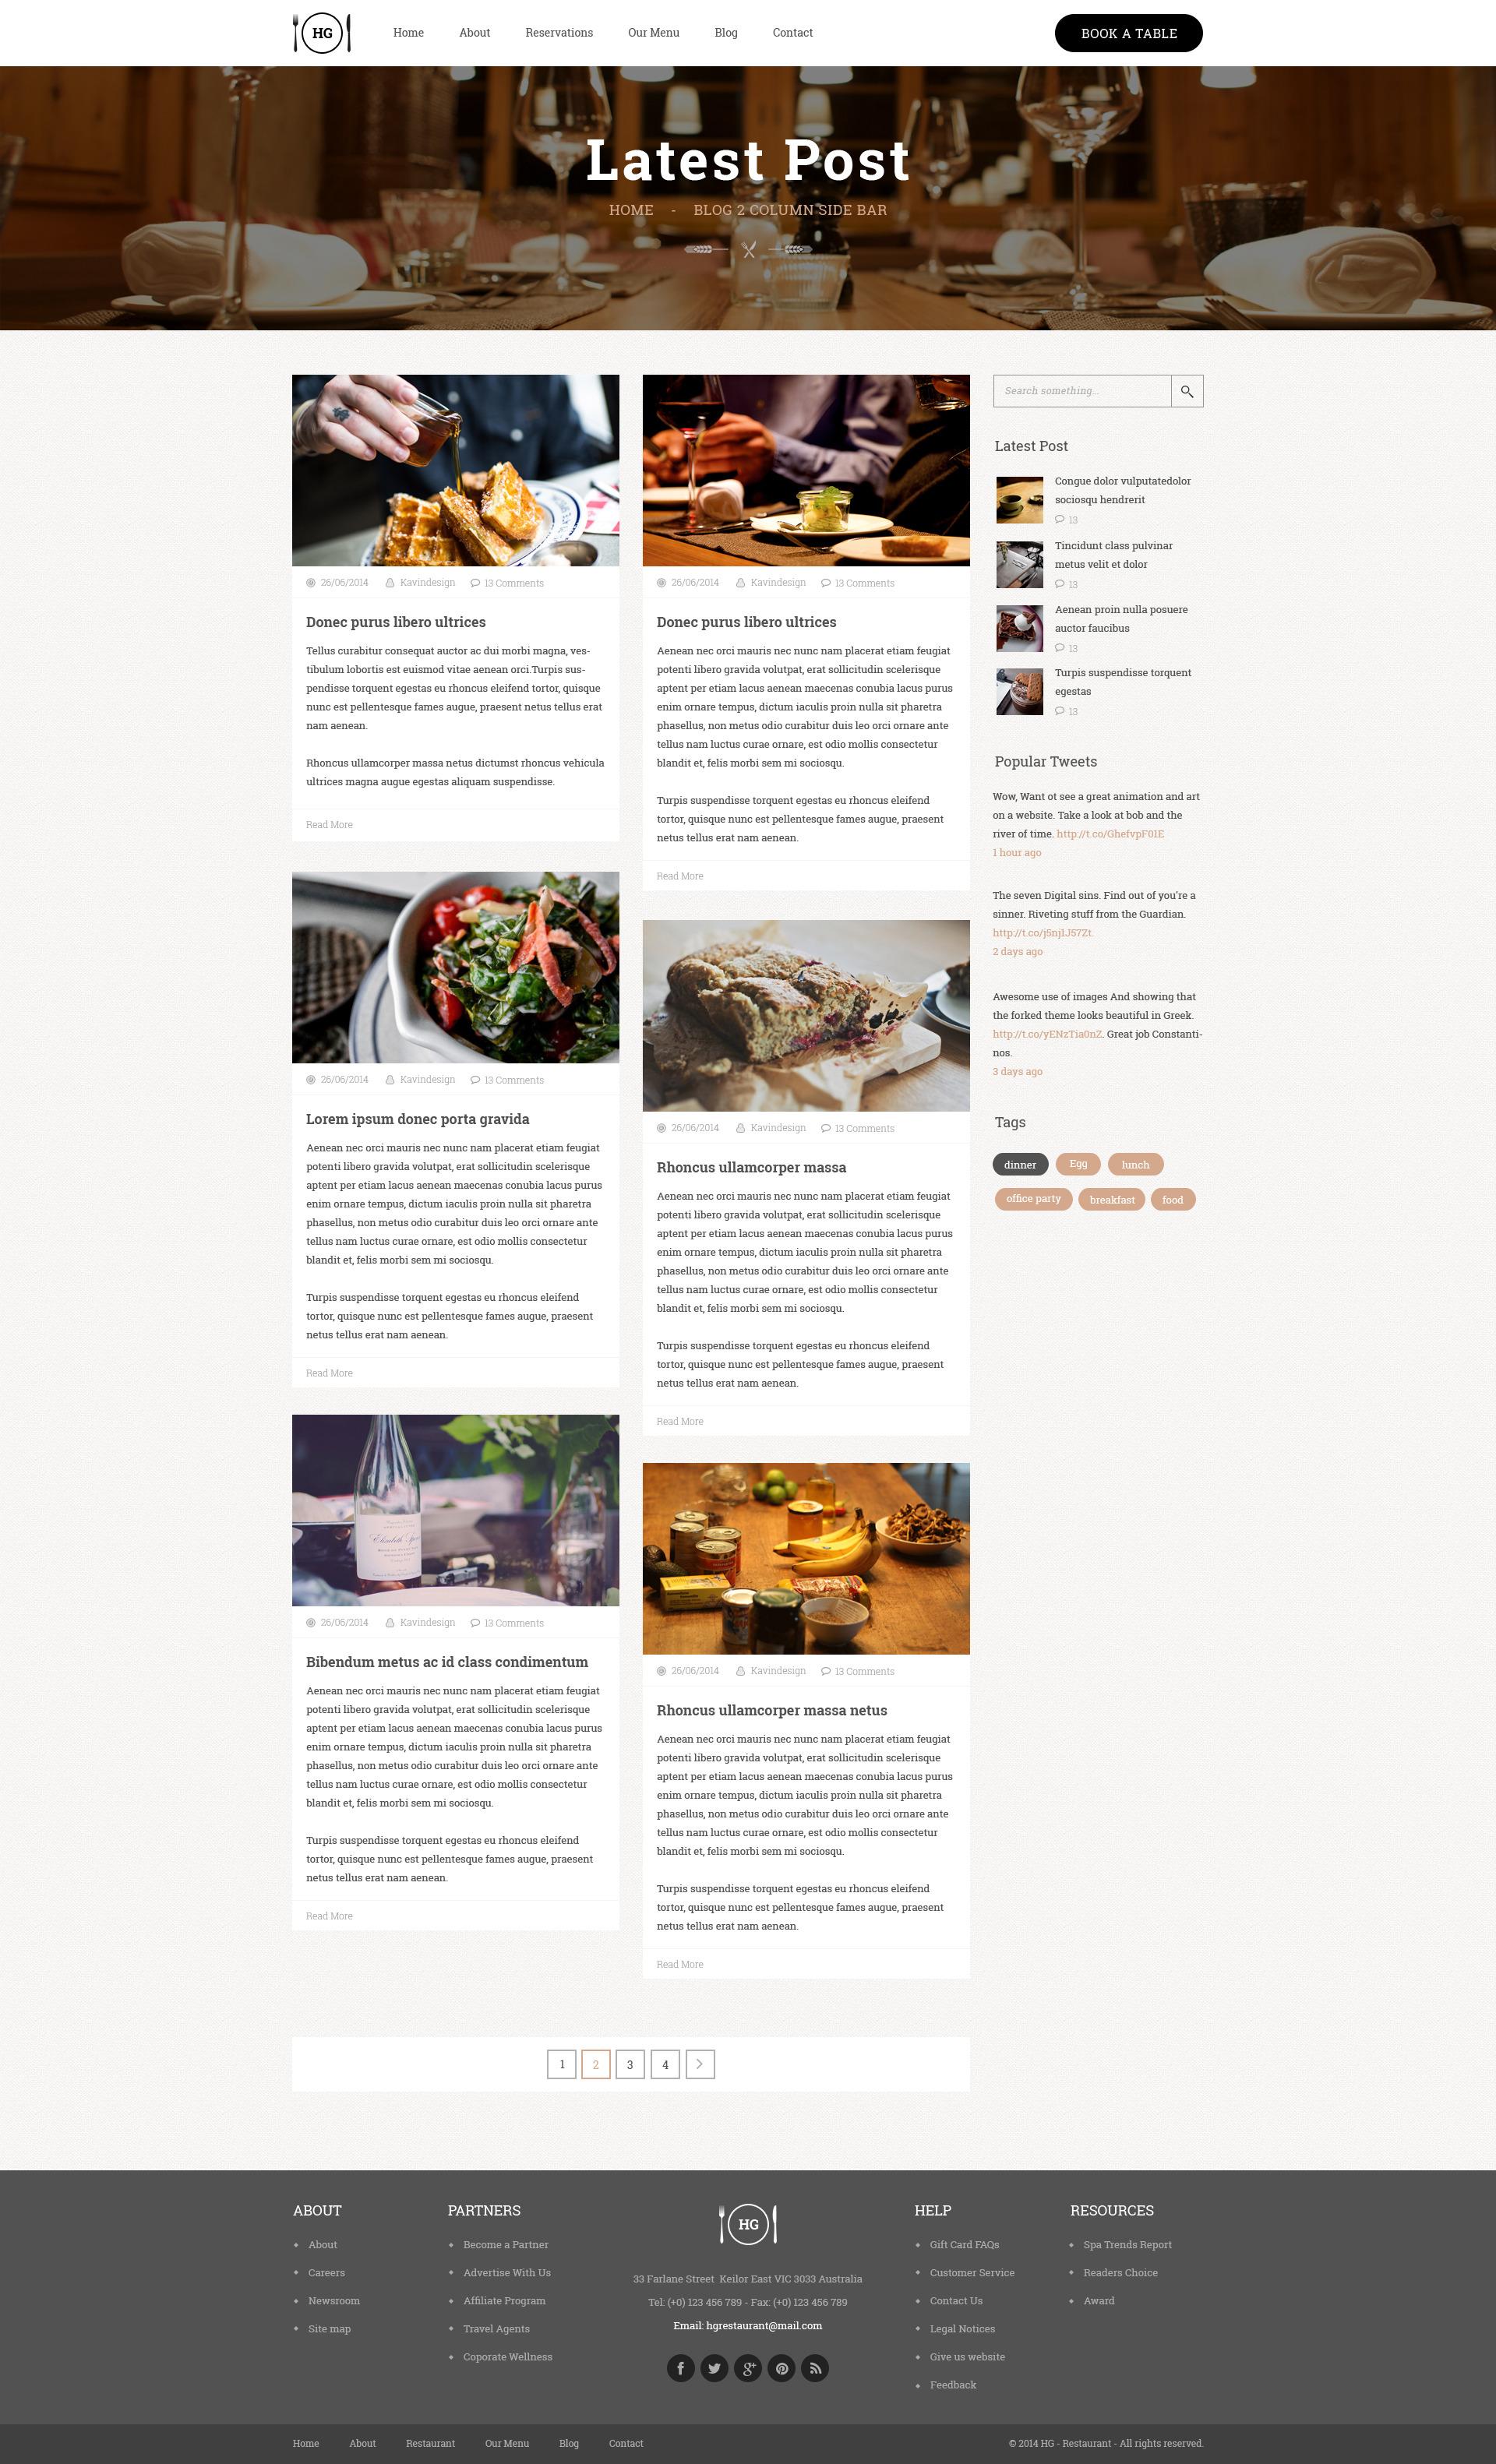 HG Restaurant PSD Template